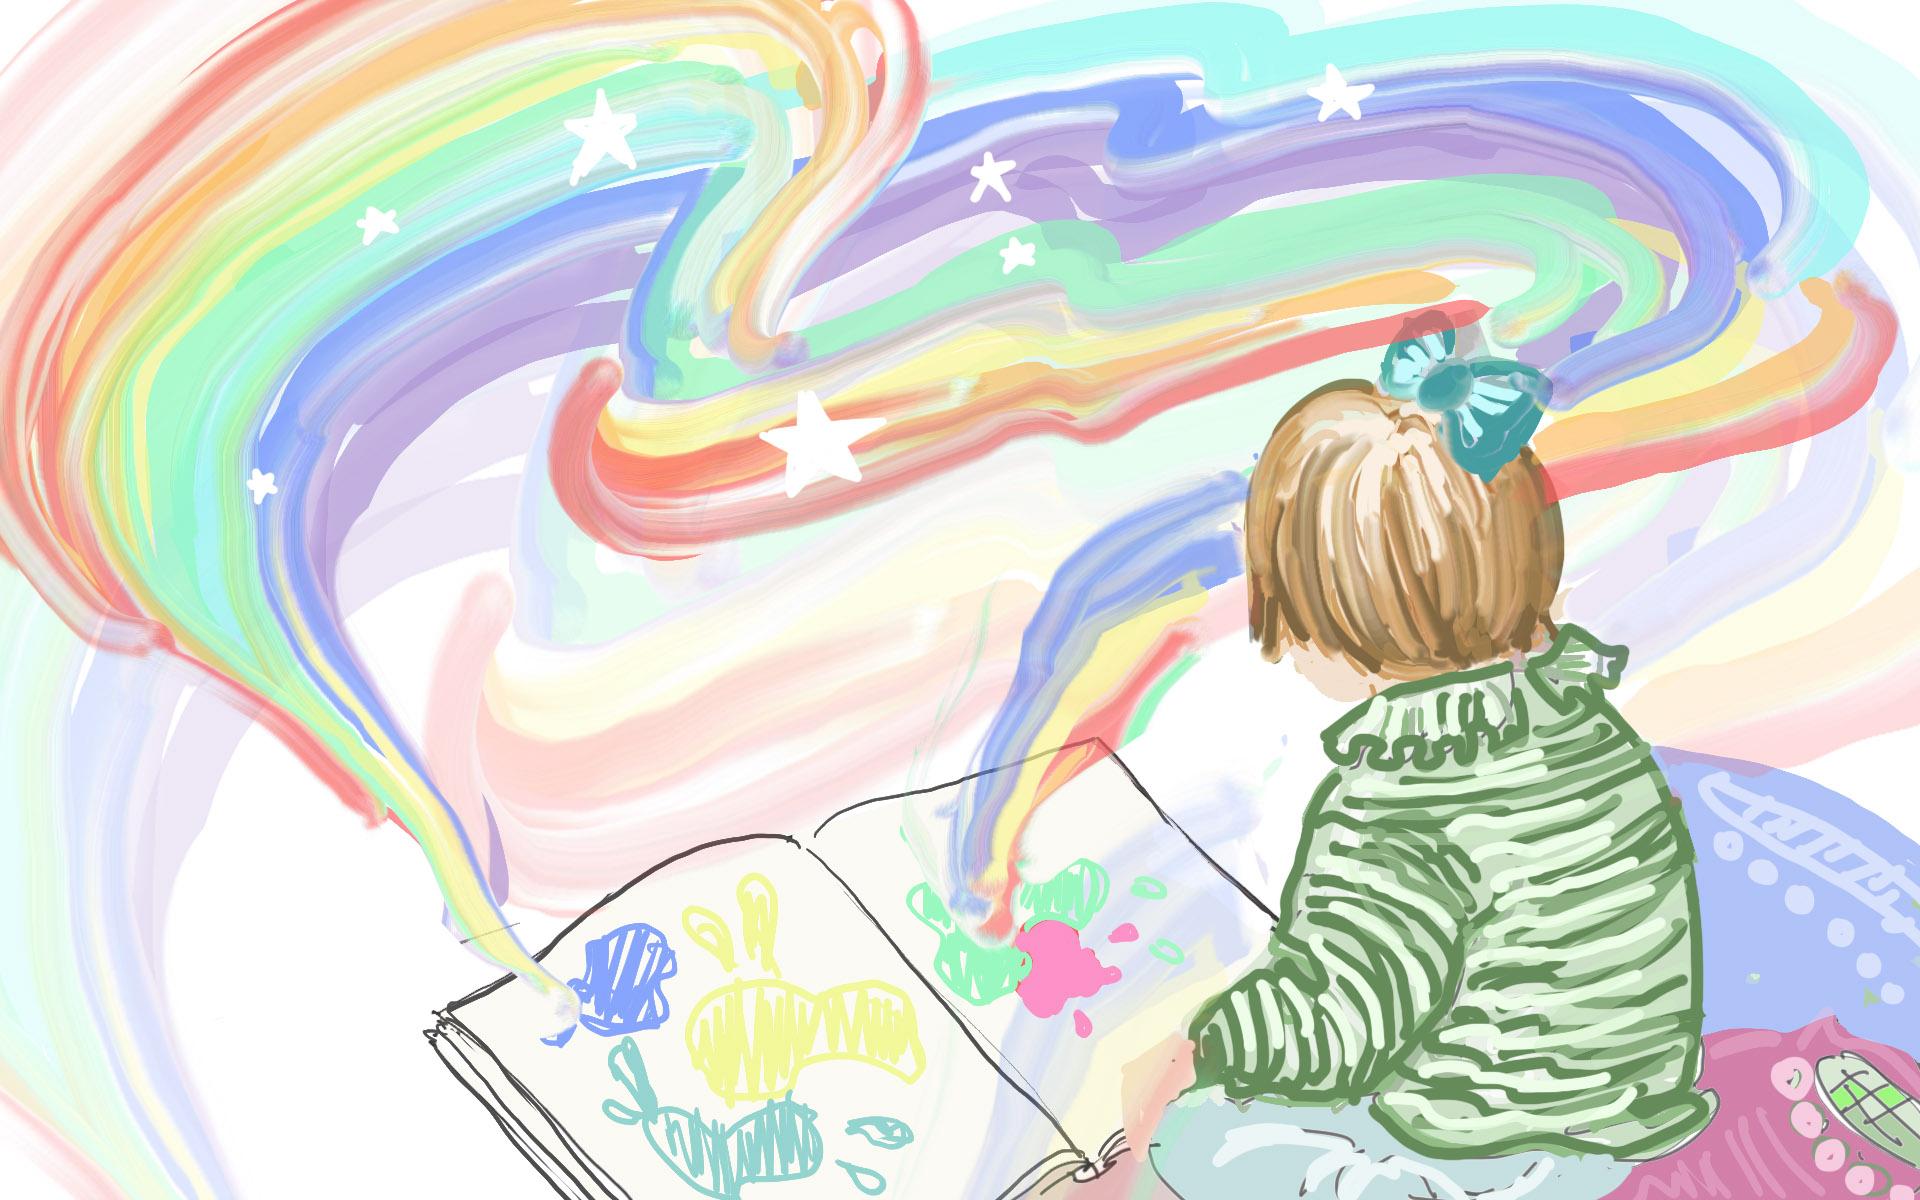 Chcesz wspierać rozwój swojego dziecka? Czytaj, czytaj, czytaj.